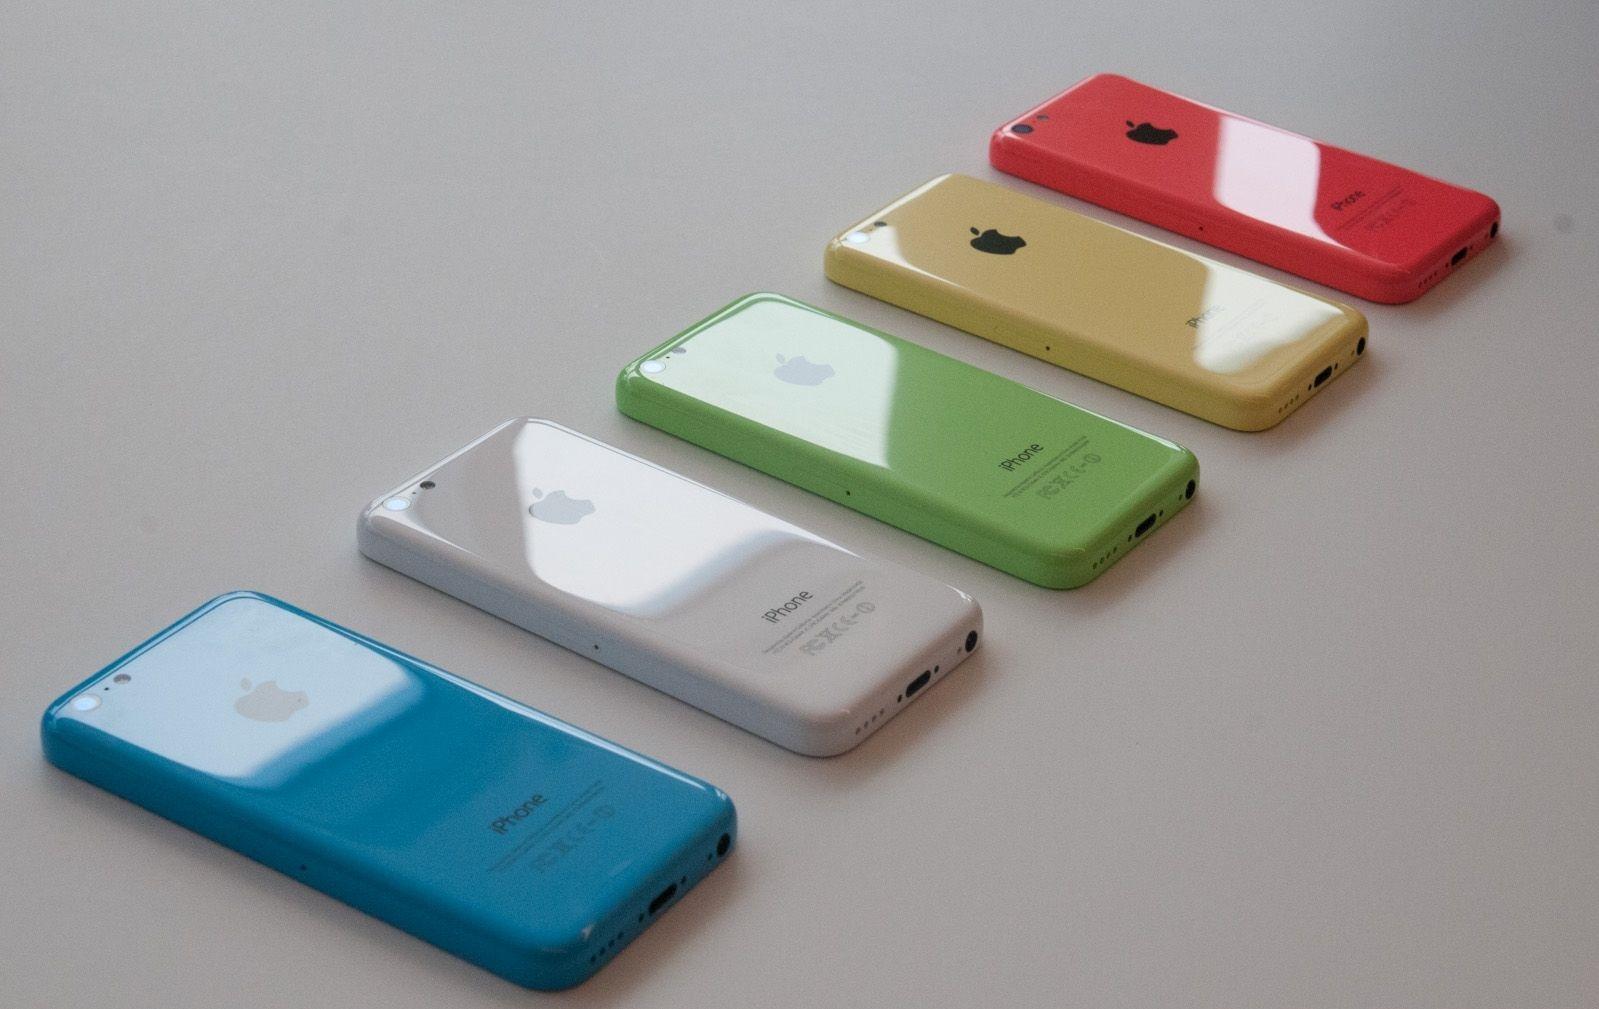 史上最失败的iPhone手机终于要在全球停产了